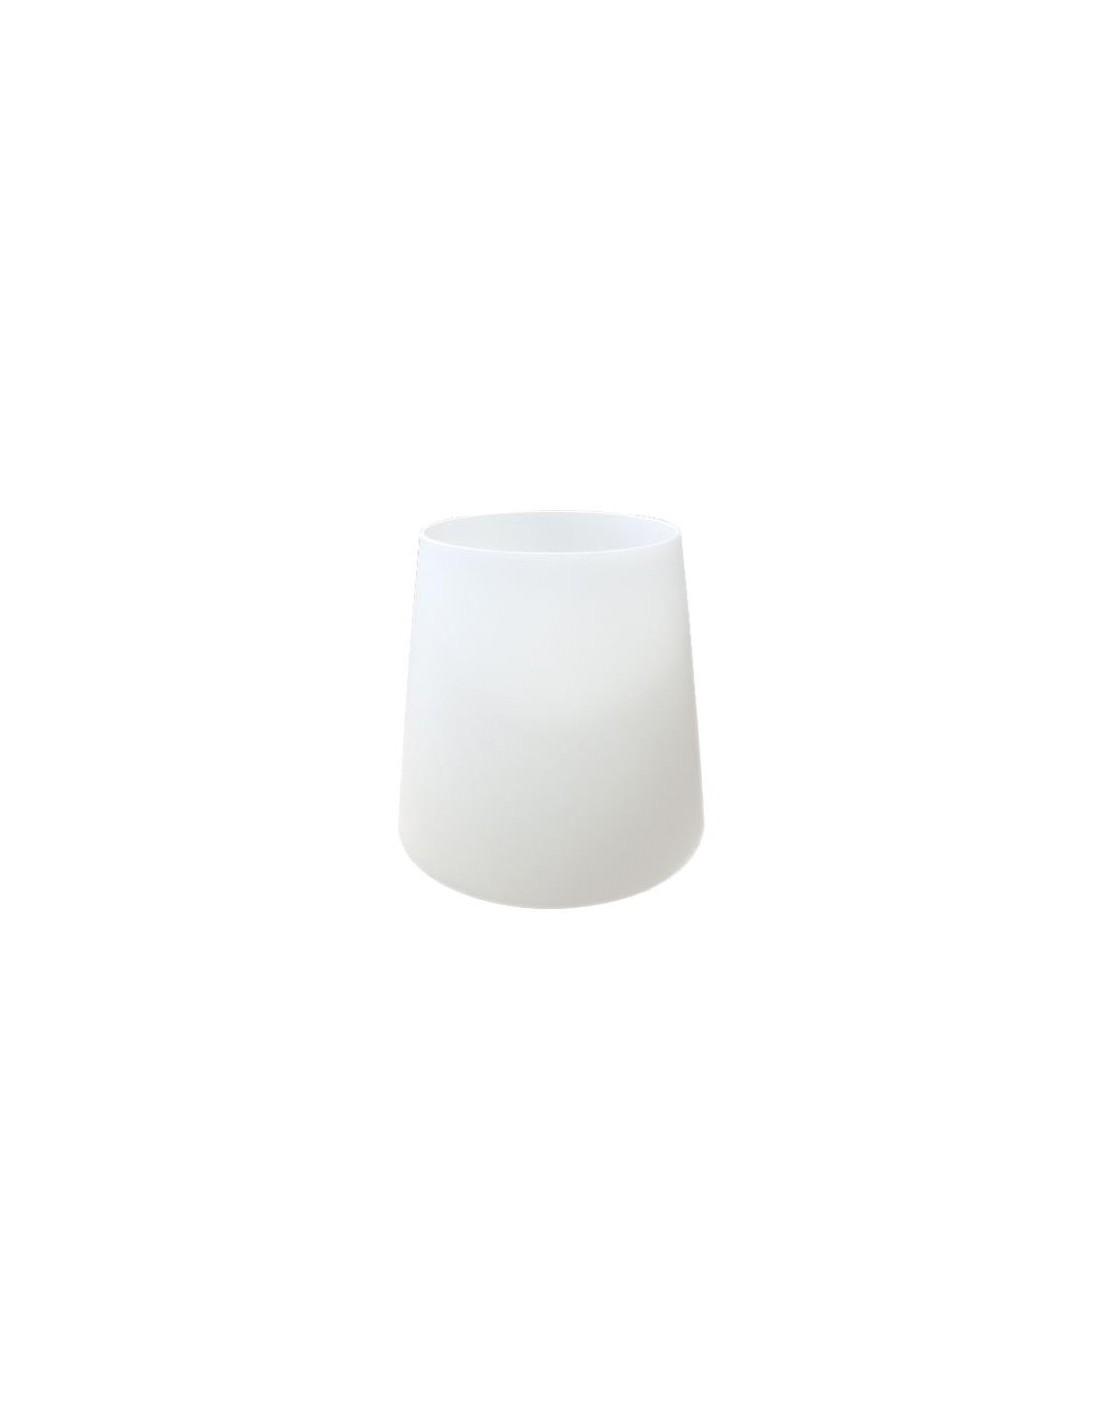 Abat jour pour lampe fontana small for Abat jour pour lampe